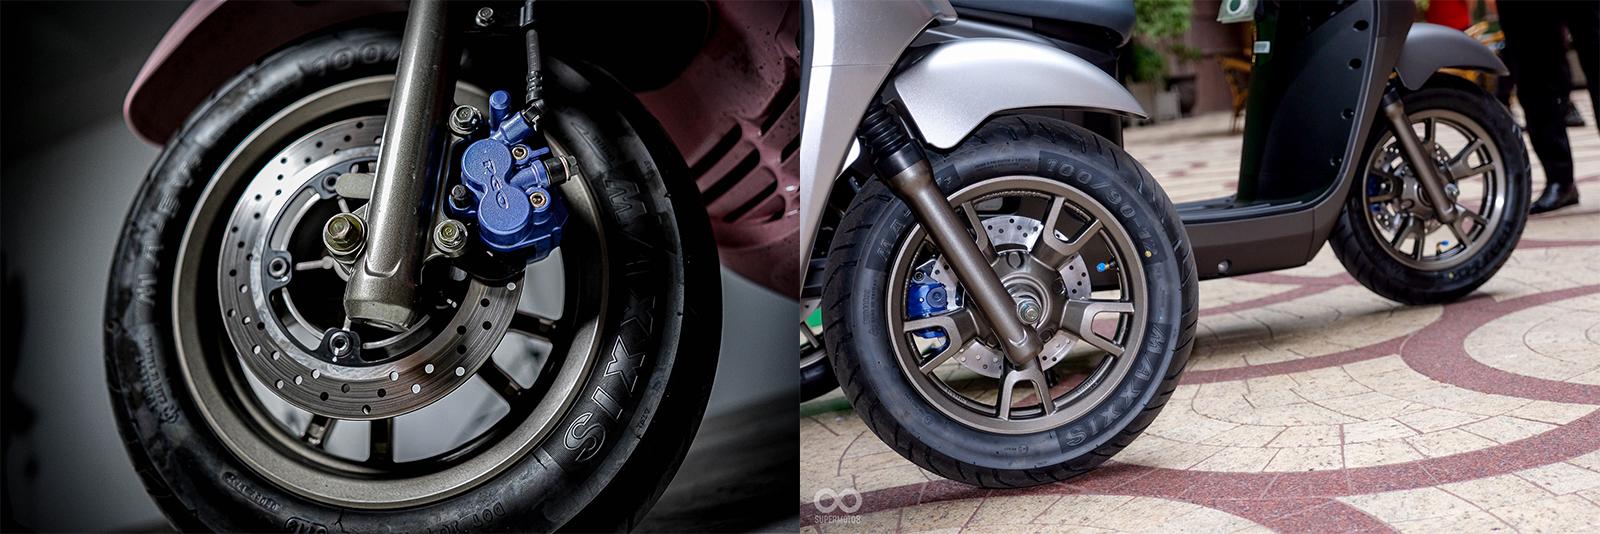 煞車方面前後碟盤採用和Gogoro 2 Delight同樣規格,卡鉗方面則是PGO自行生產的部品